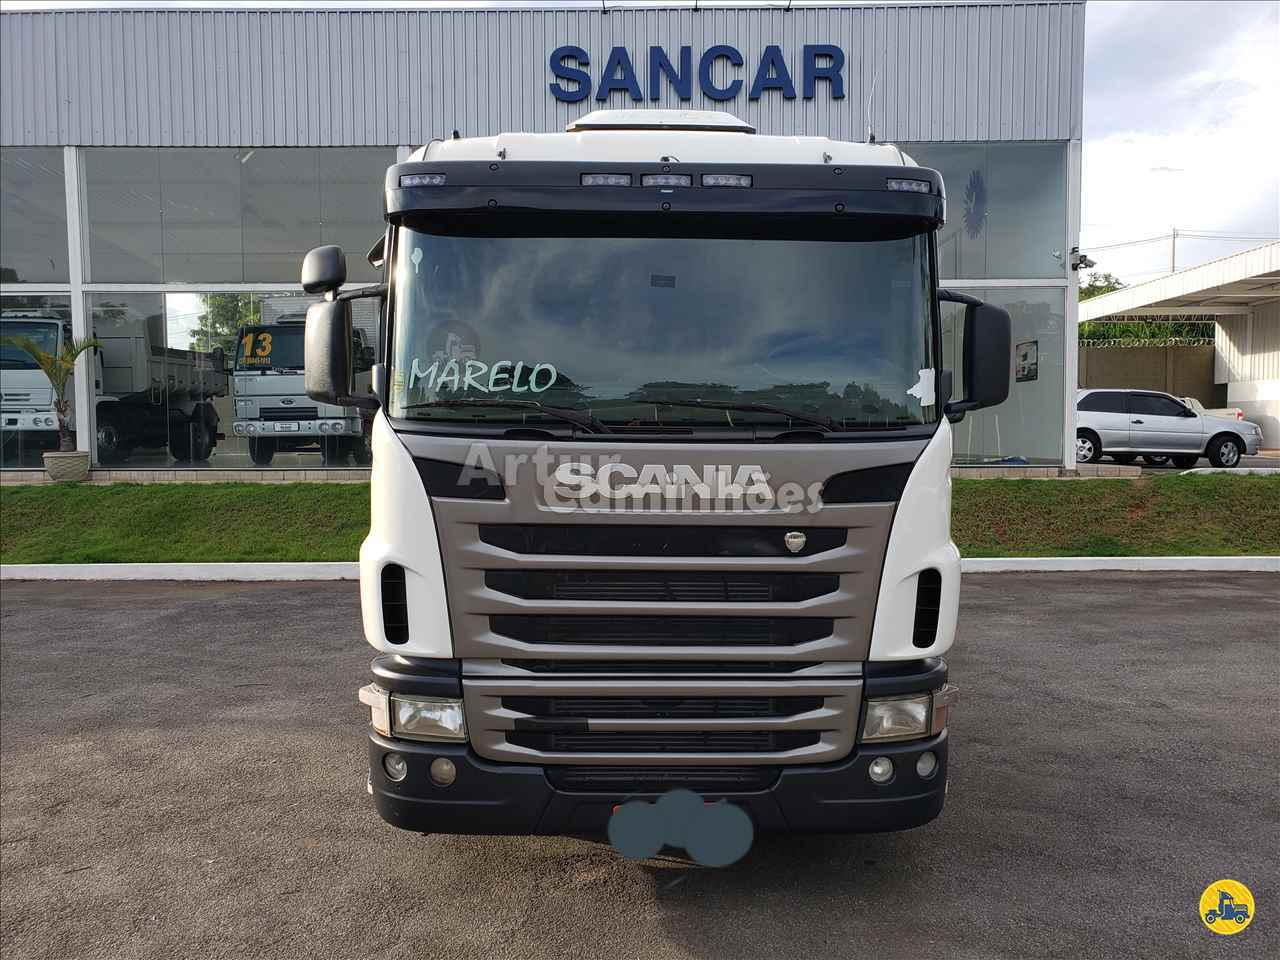 SCANIA SCANIA 470 897000km 2011/2011 Artur Caminhões